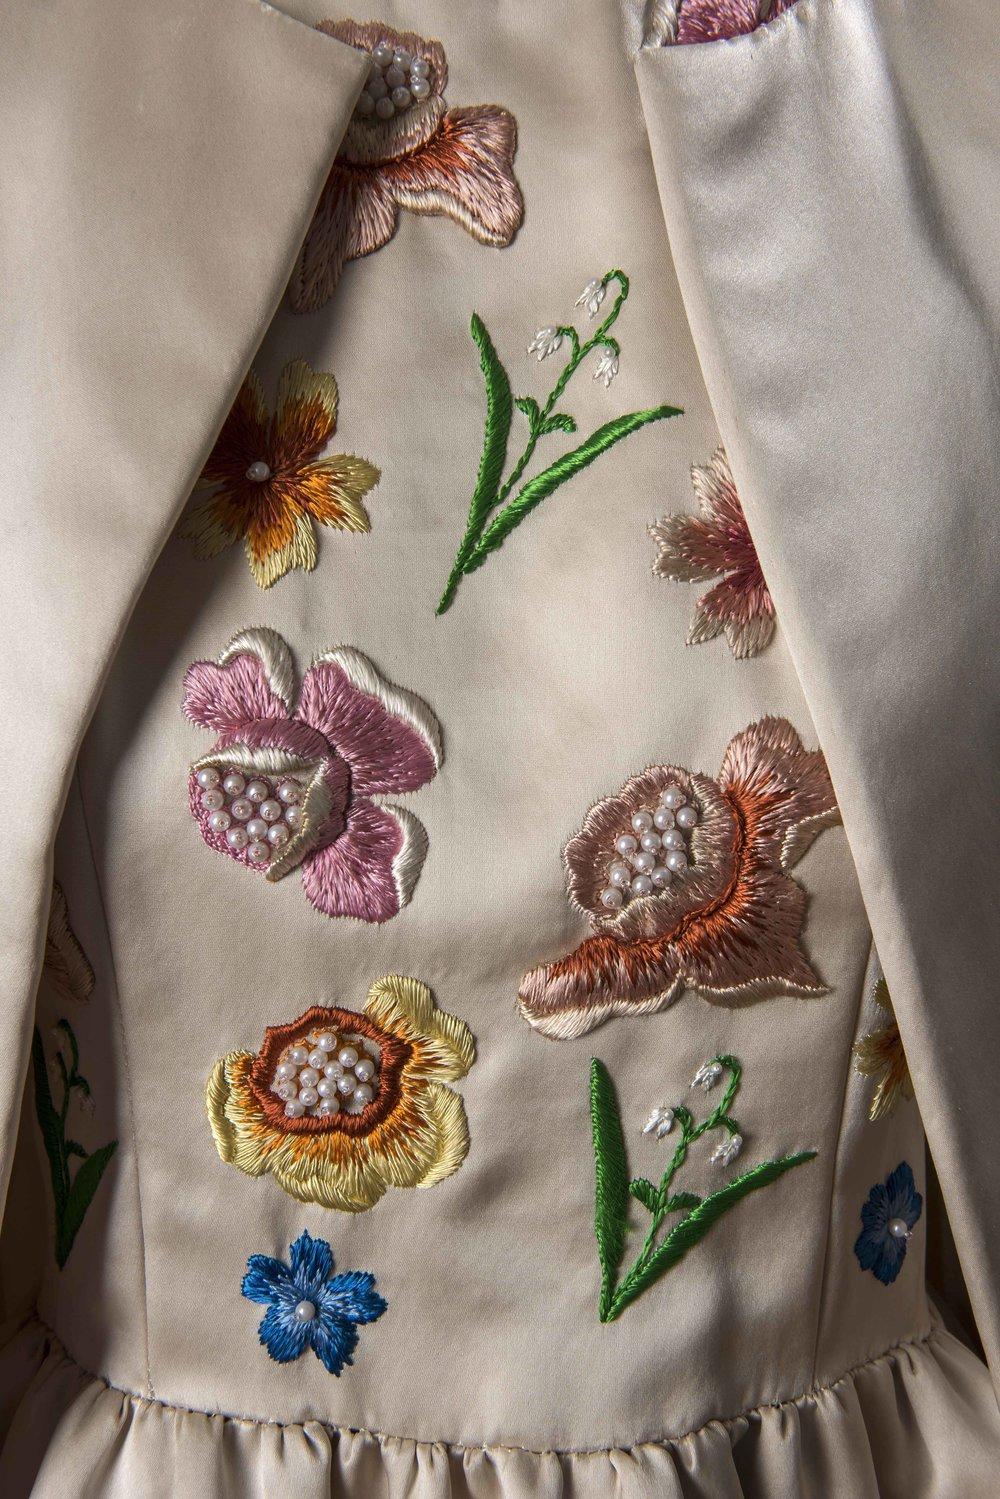 Détail d'un ensemble du soir en satin composé d'une robe brodée au corsage et d'un manteau, porté par Jackie Kennedy lors d'une visite officielle en France, été 1961 © Givenchy - Photo Luc Castel.jpg